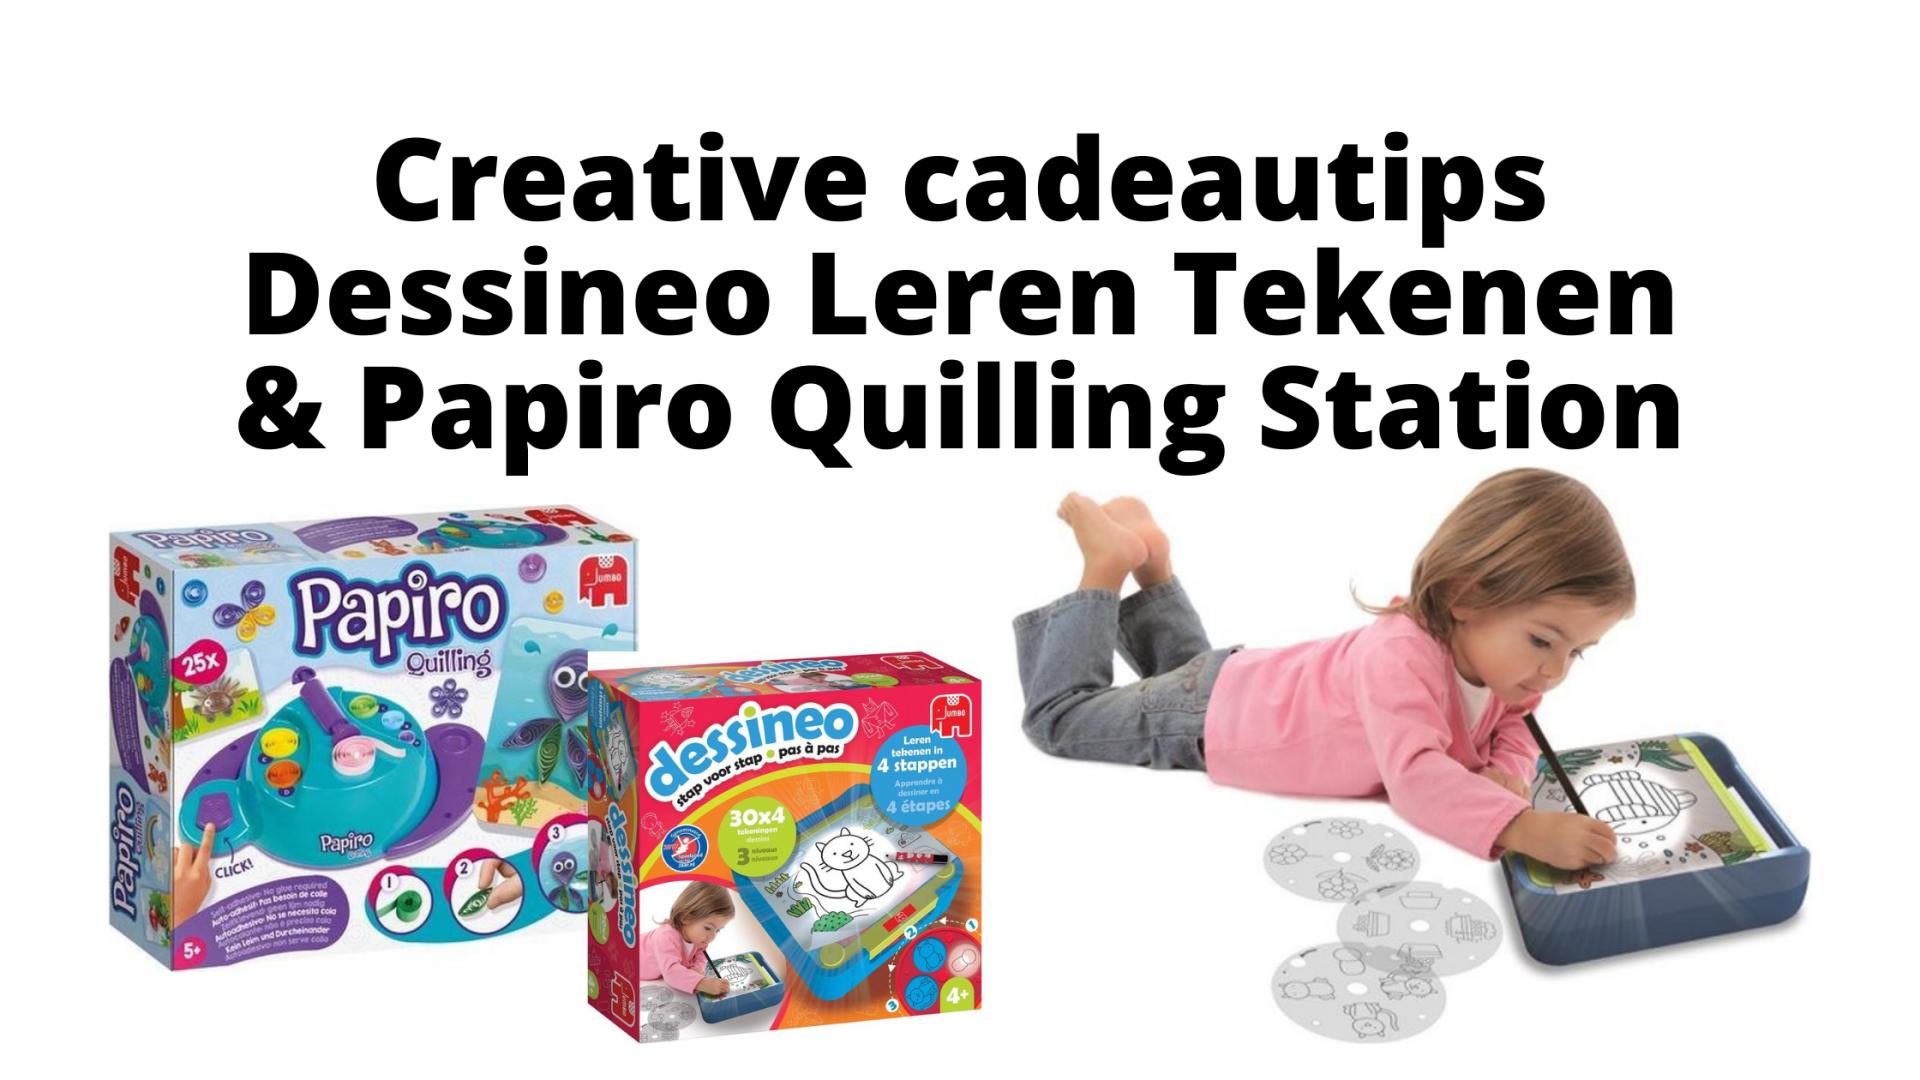 Creative cadeautips - Dessineo Leren Tekenen en Papiro Quilling Station